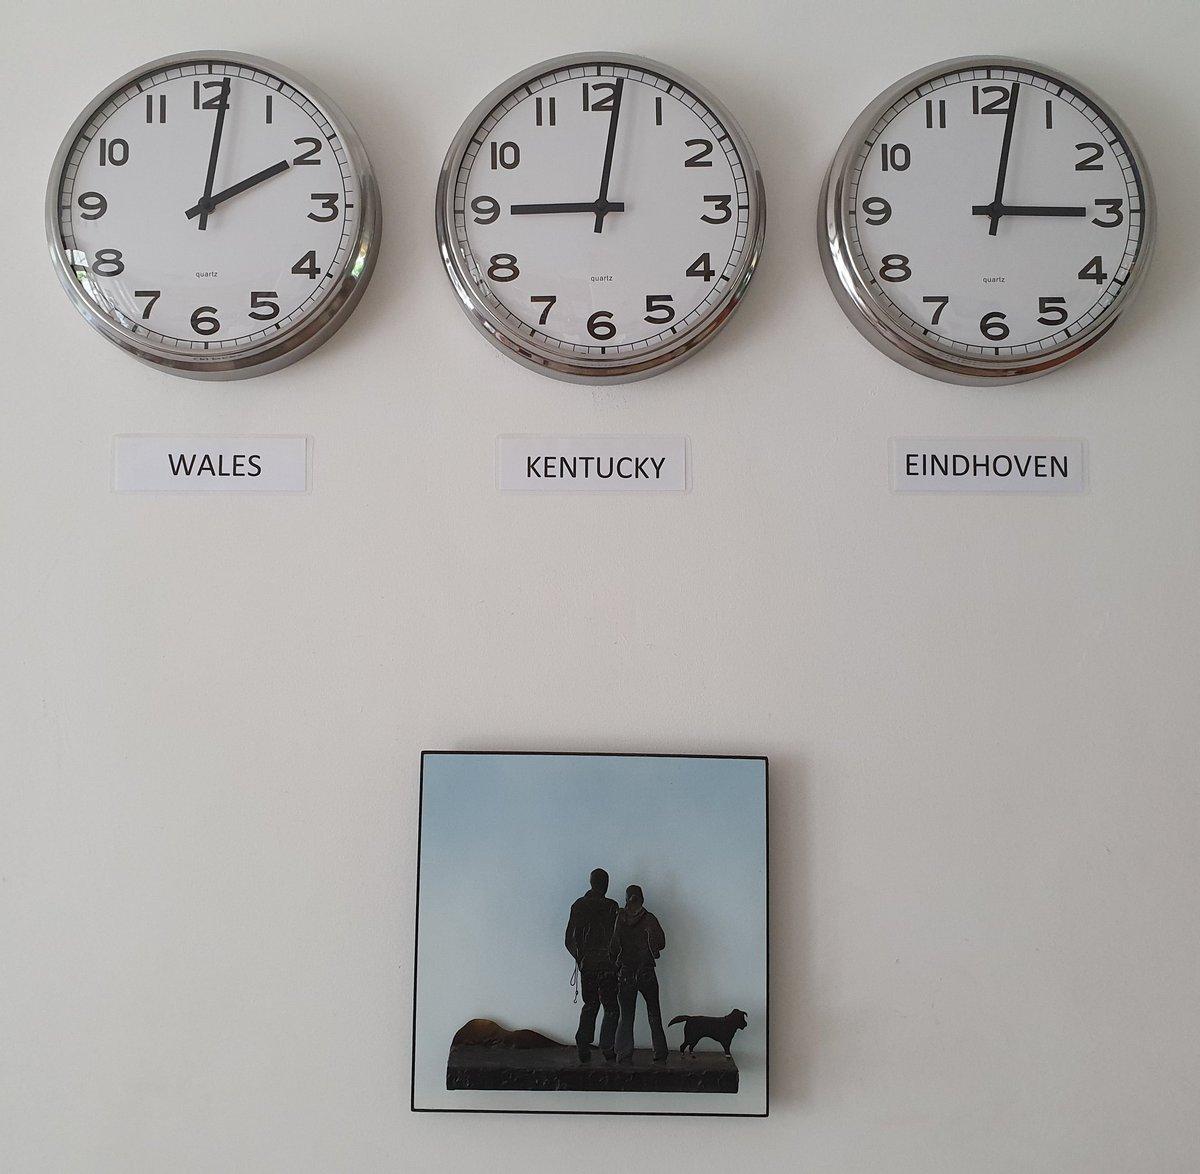 Zo ongeveer de helft van ons gezin woont in het buitenland. Hopelijk blijft de rest gewoon in en om Eindhoven. Ik vind 3 klokken meer dan zat!!!